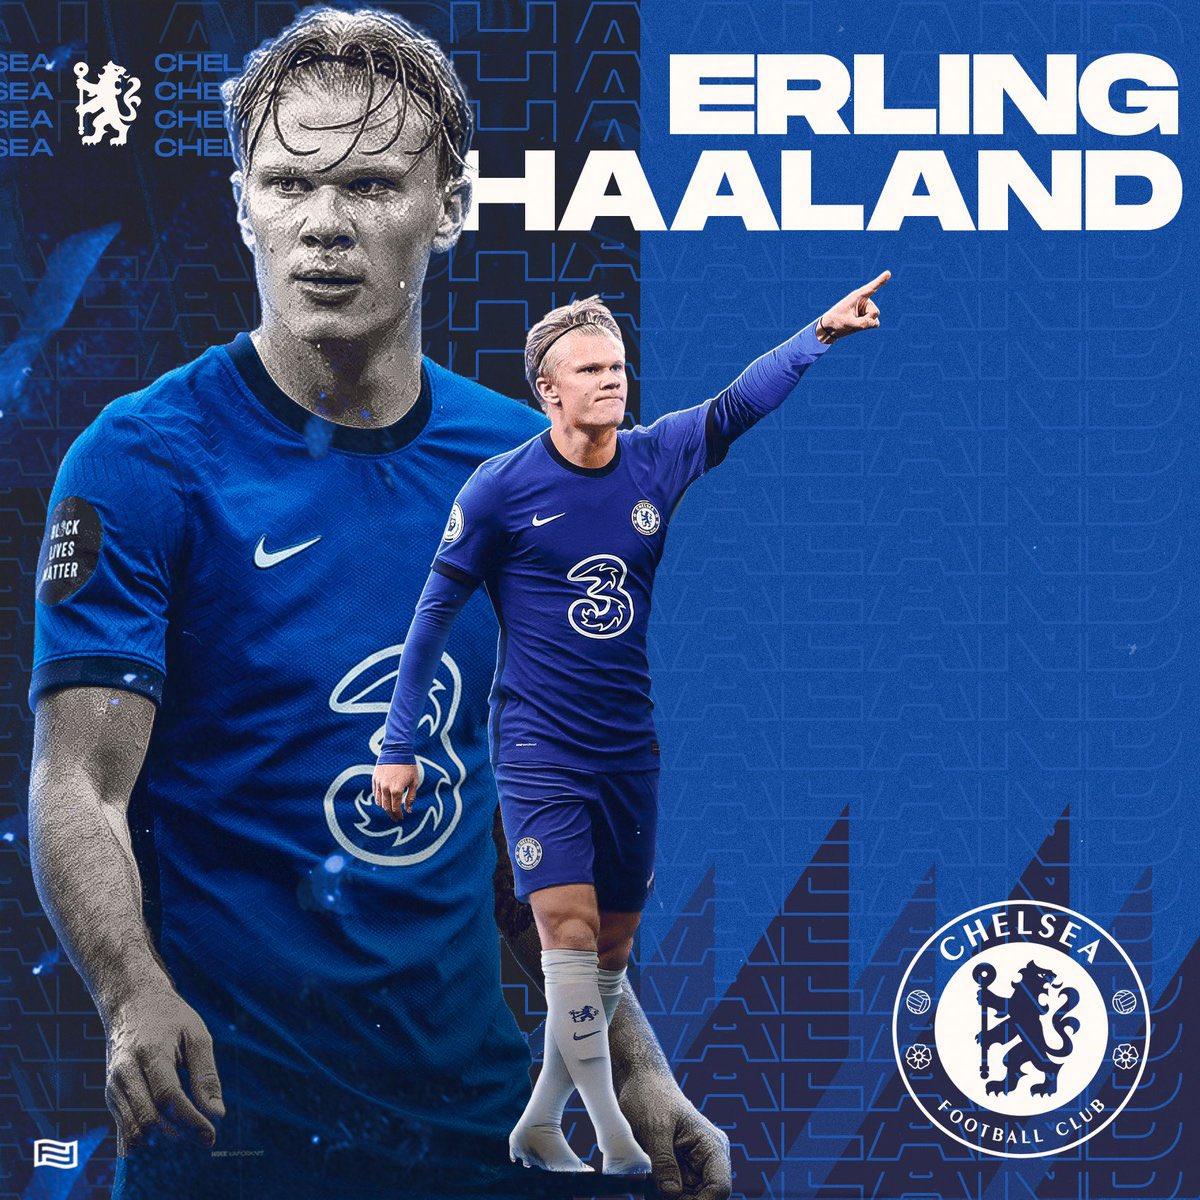 Erling Haaland - Chelsea